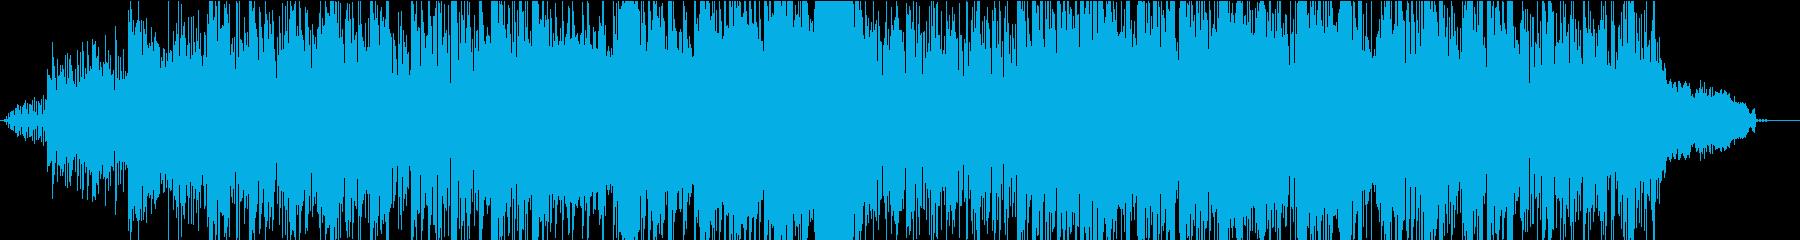 ヘリコプターでワイルドに登場する曲の再生済みの波形